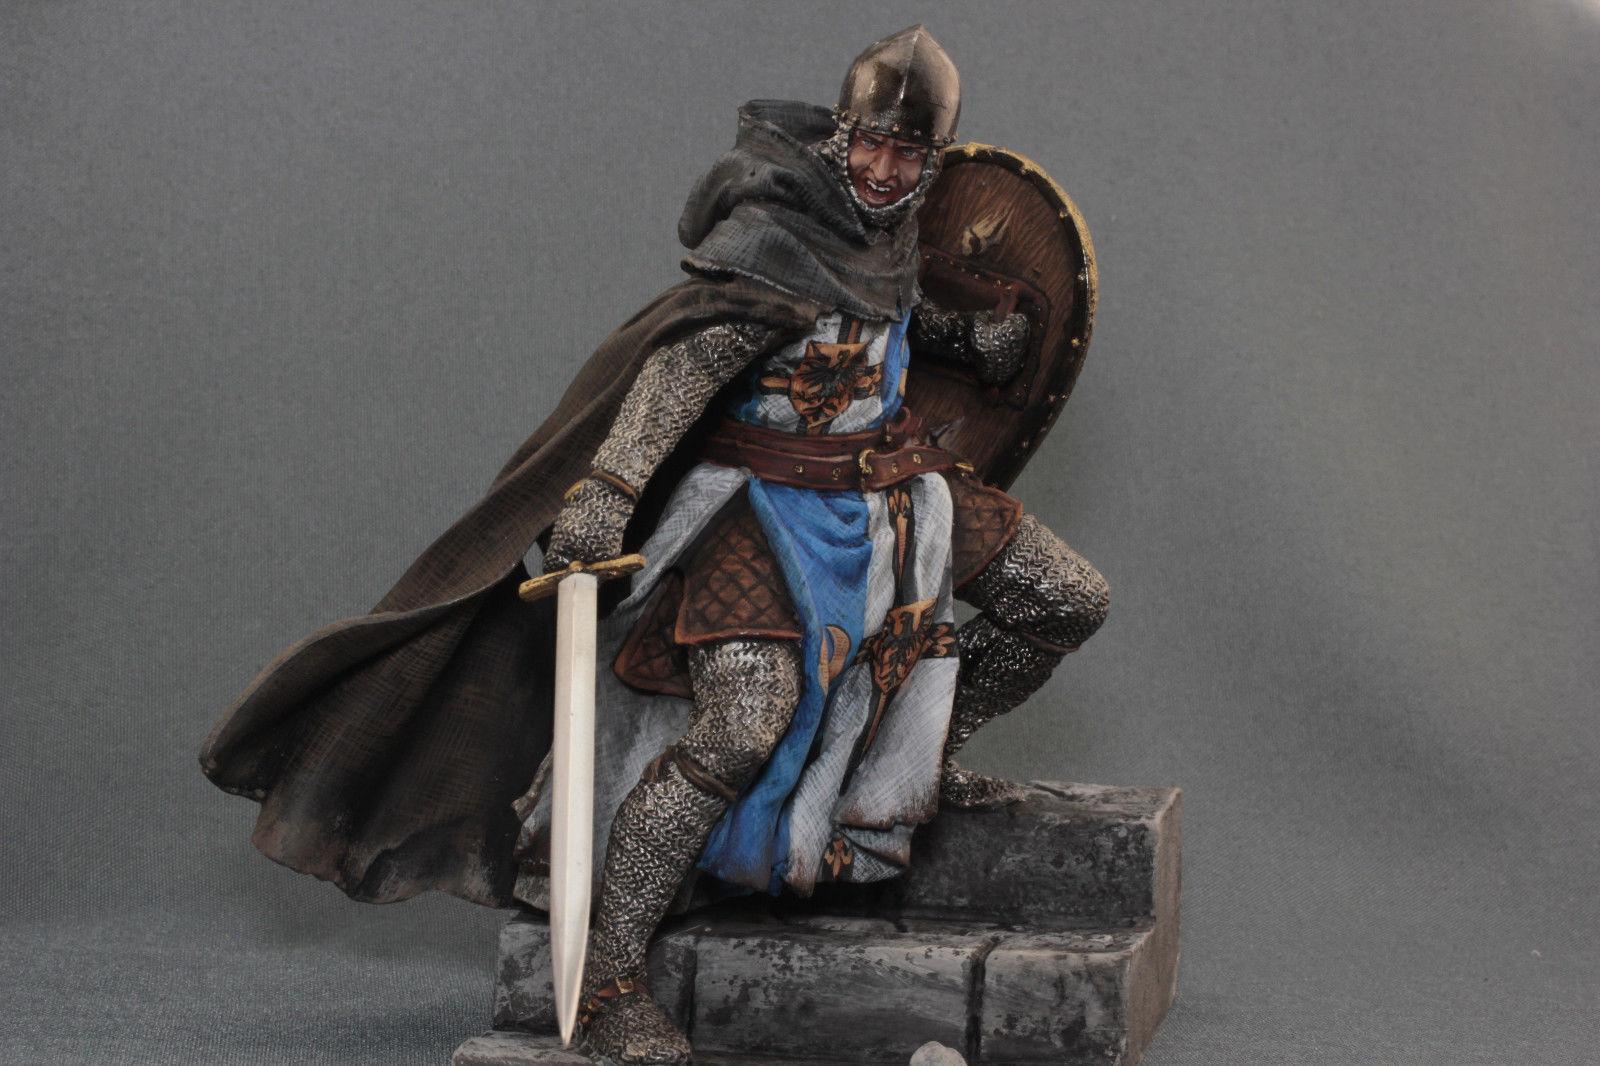 Tin leksakssoldater ELITE målade 90mm Tempelriddare Knight XII c.